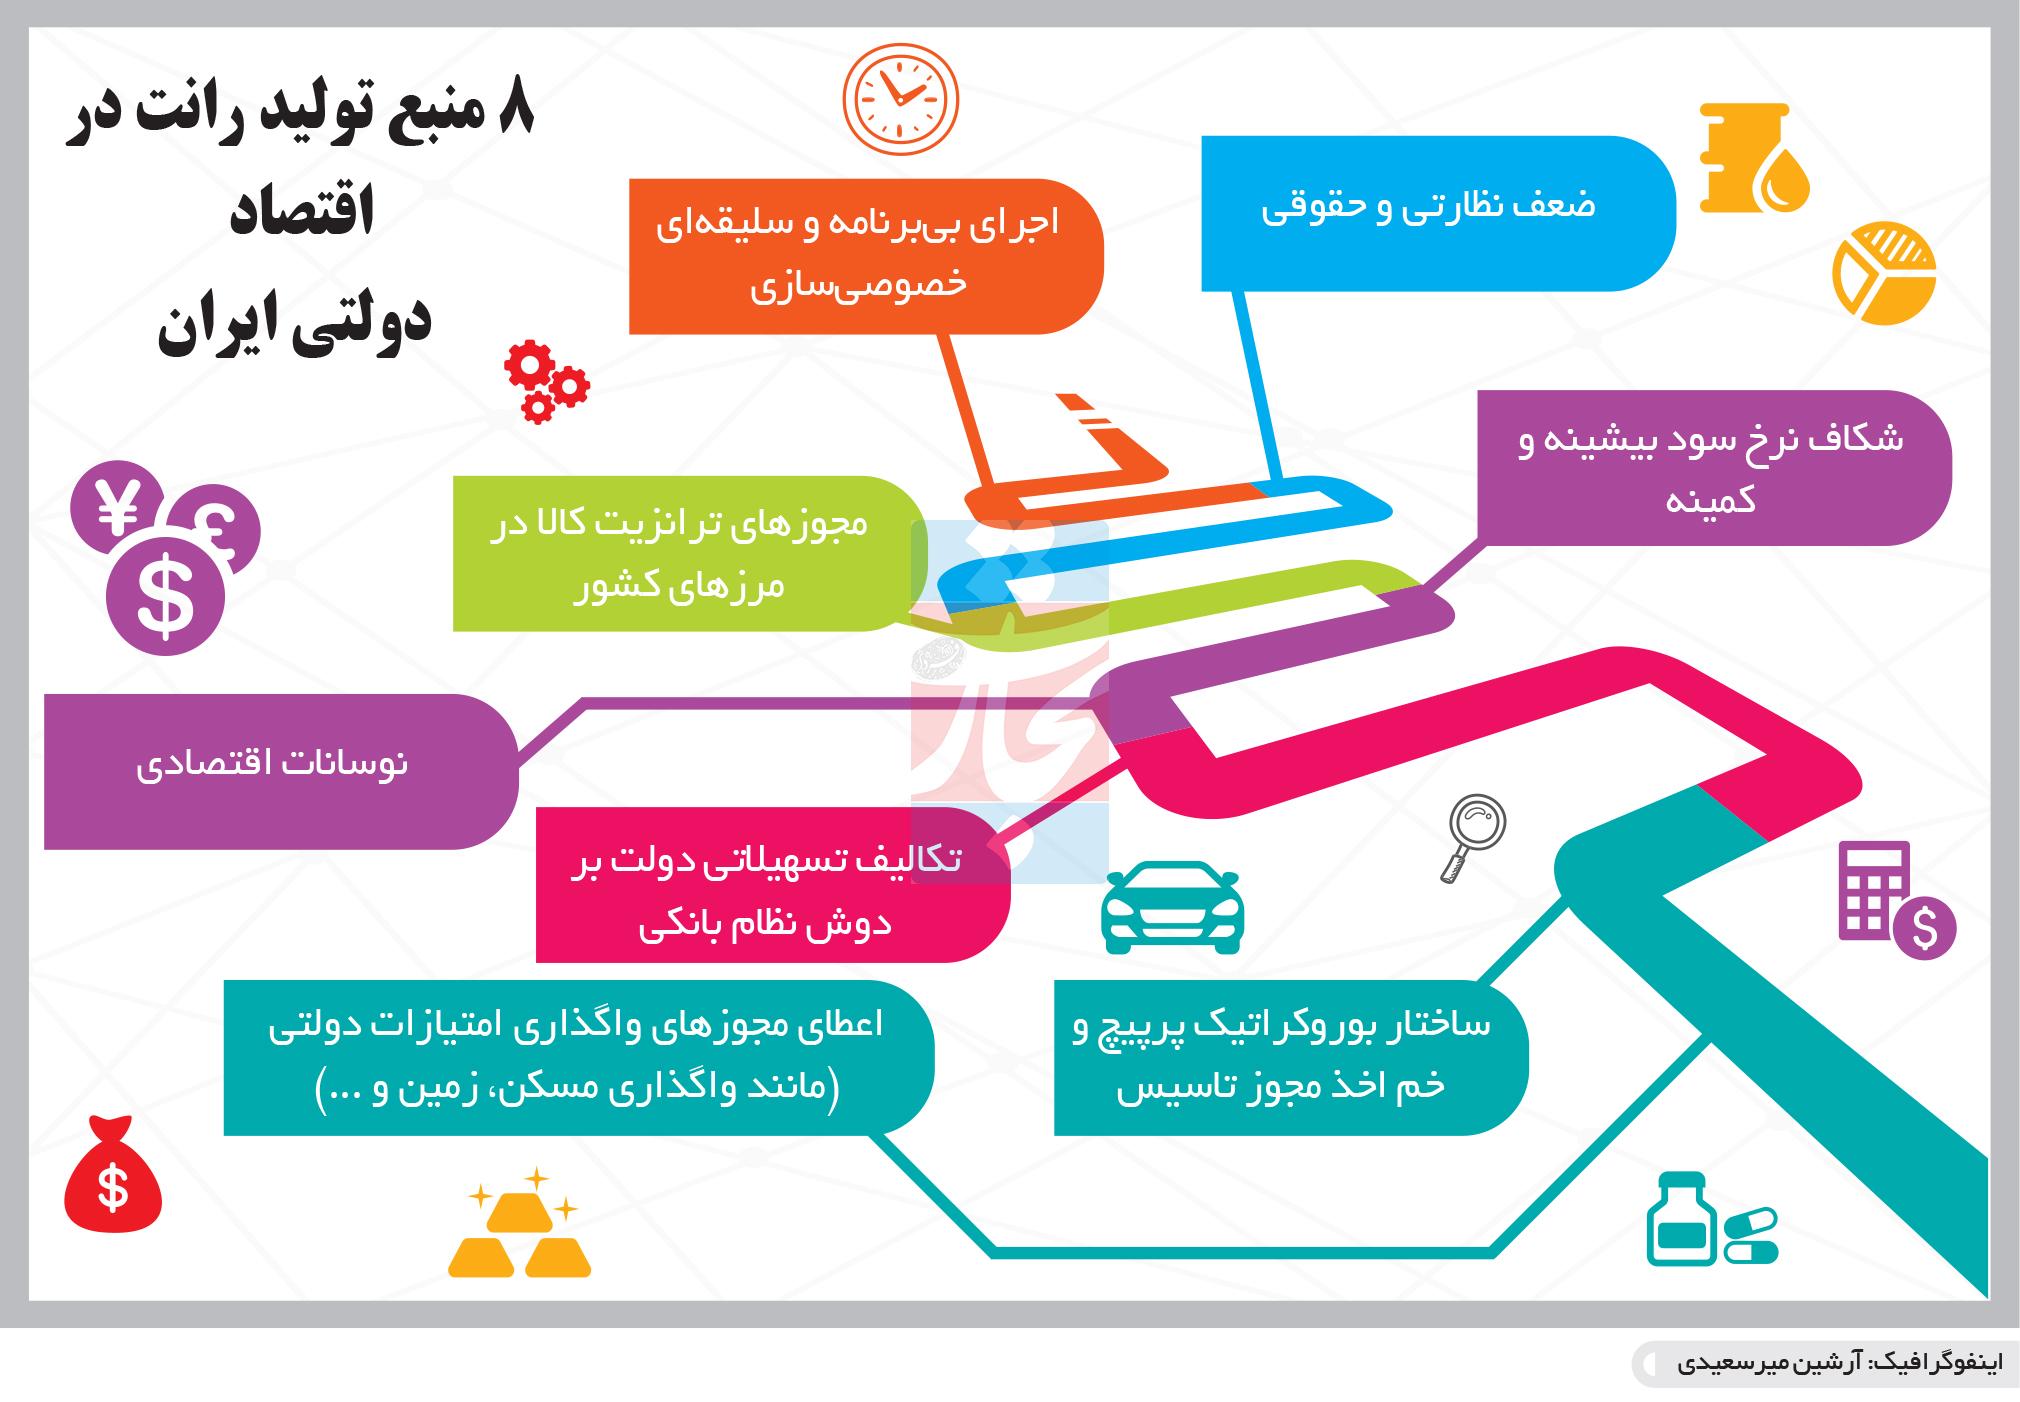 تجارت- فردا- 8 منبع تولید رانت در اقتصاد  دولتی ایران(اینفوگرافیک)